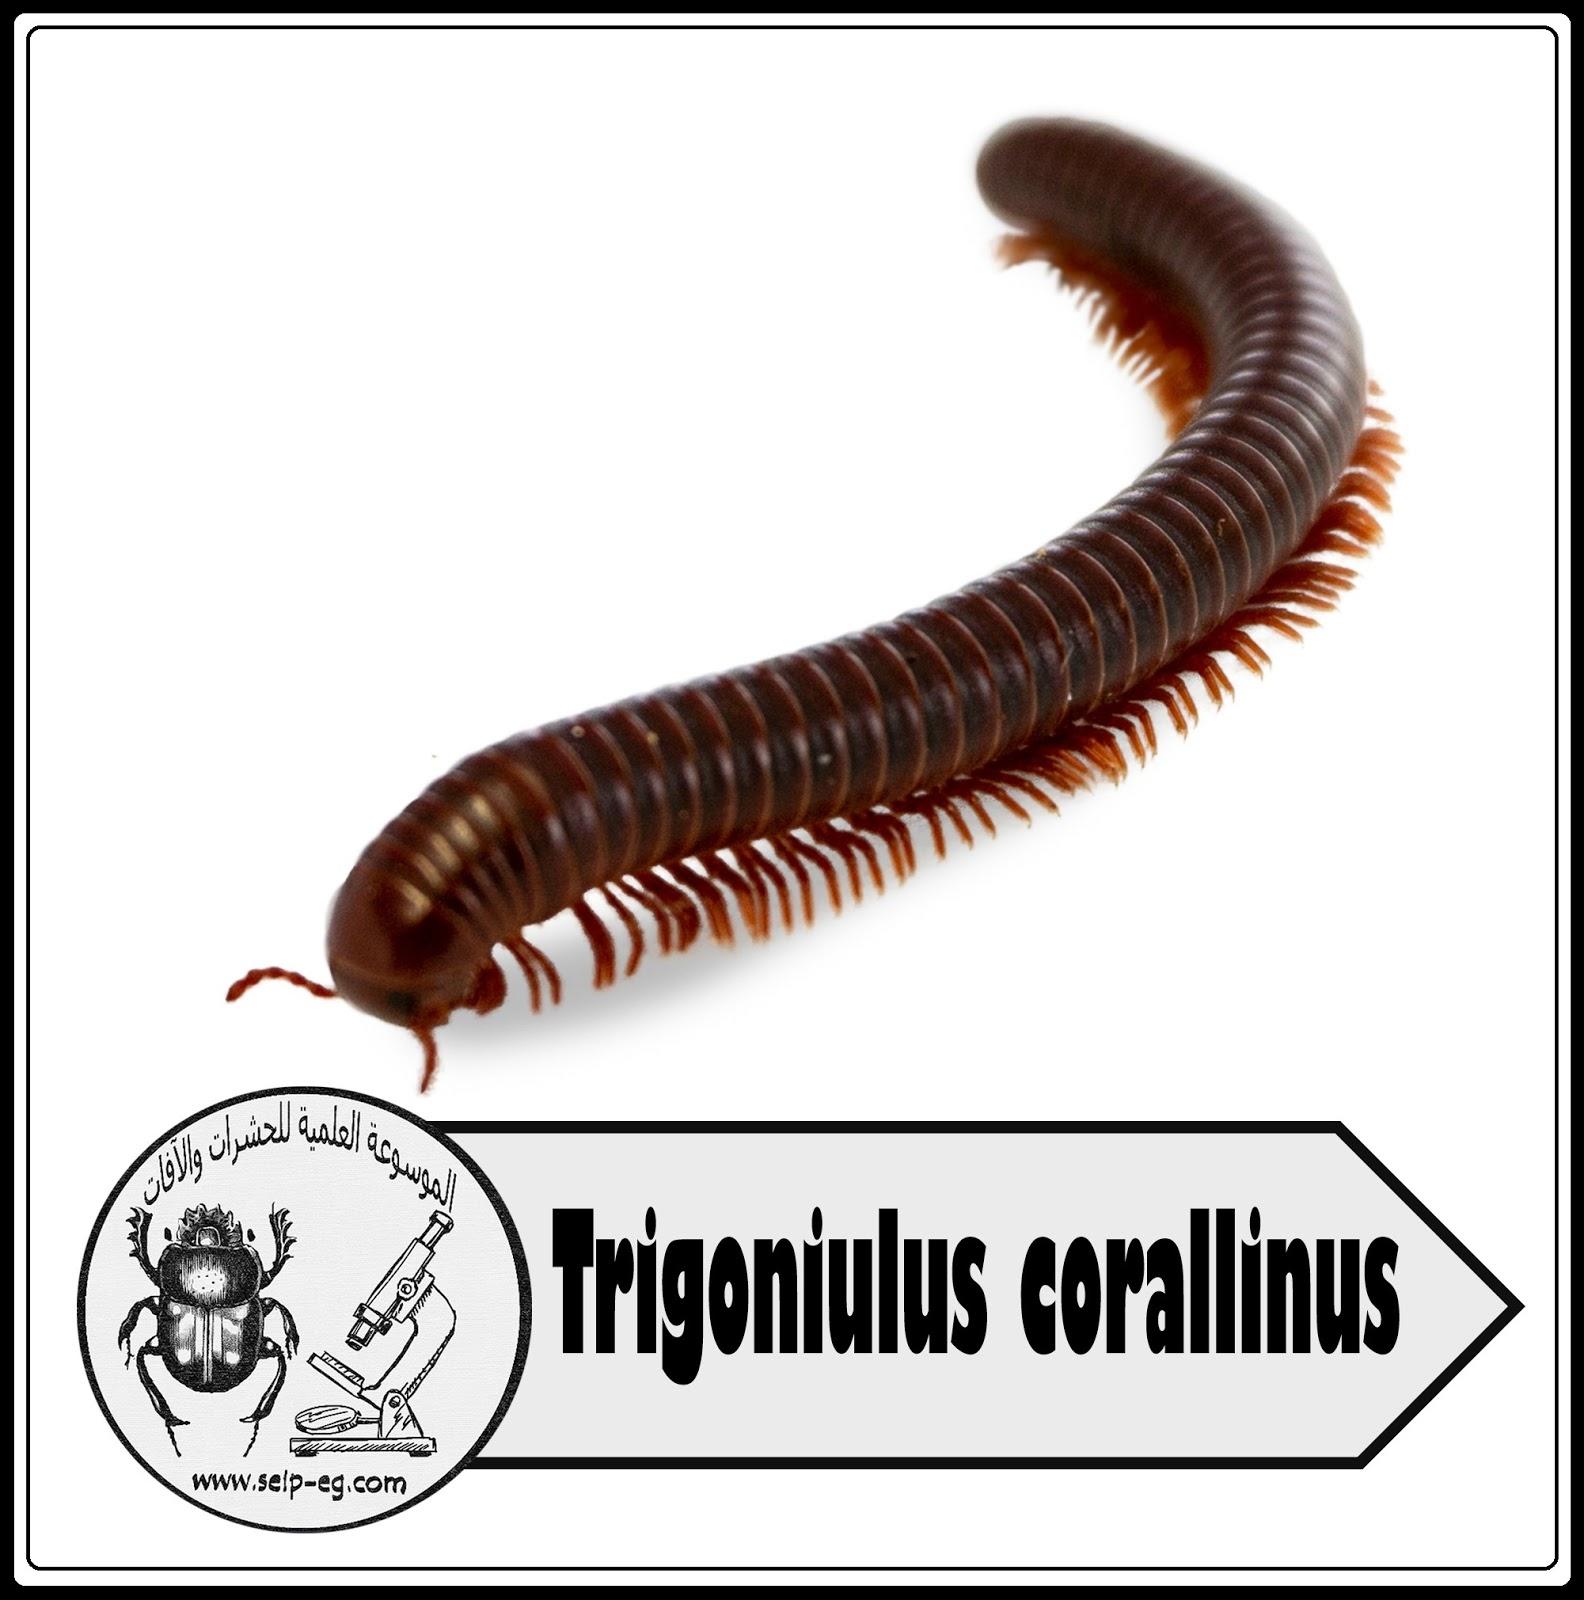 مئوية الأرجل أم أربعة وأربعين الحريشة Centipede